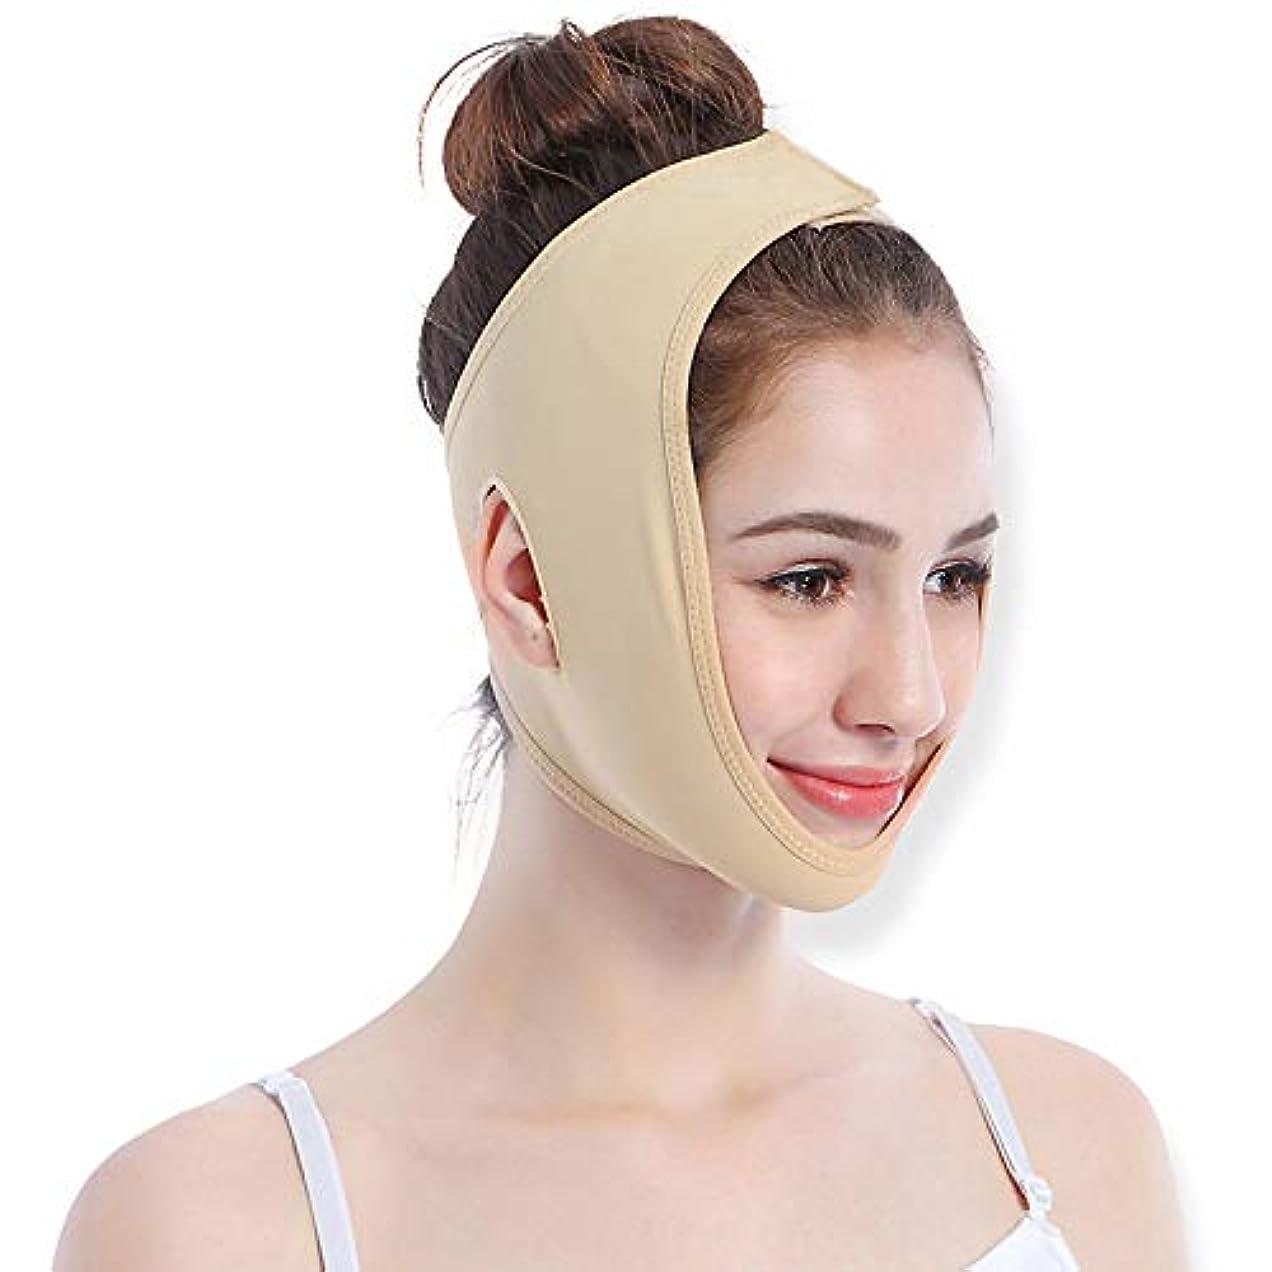 顔の重量損失通気性顔マスク睡眠 V 顔マスク顔リフティング包帯リフティング引き締めフェイスリフティングユニセックス,S